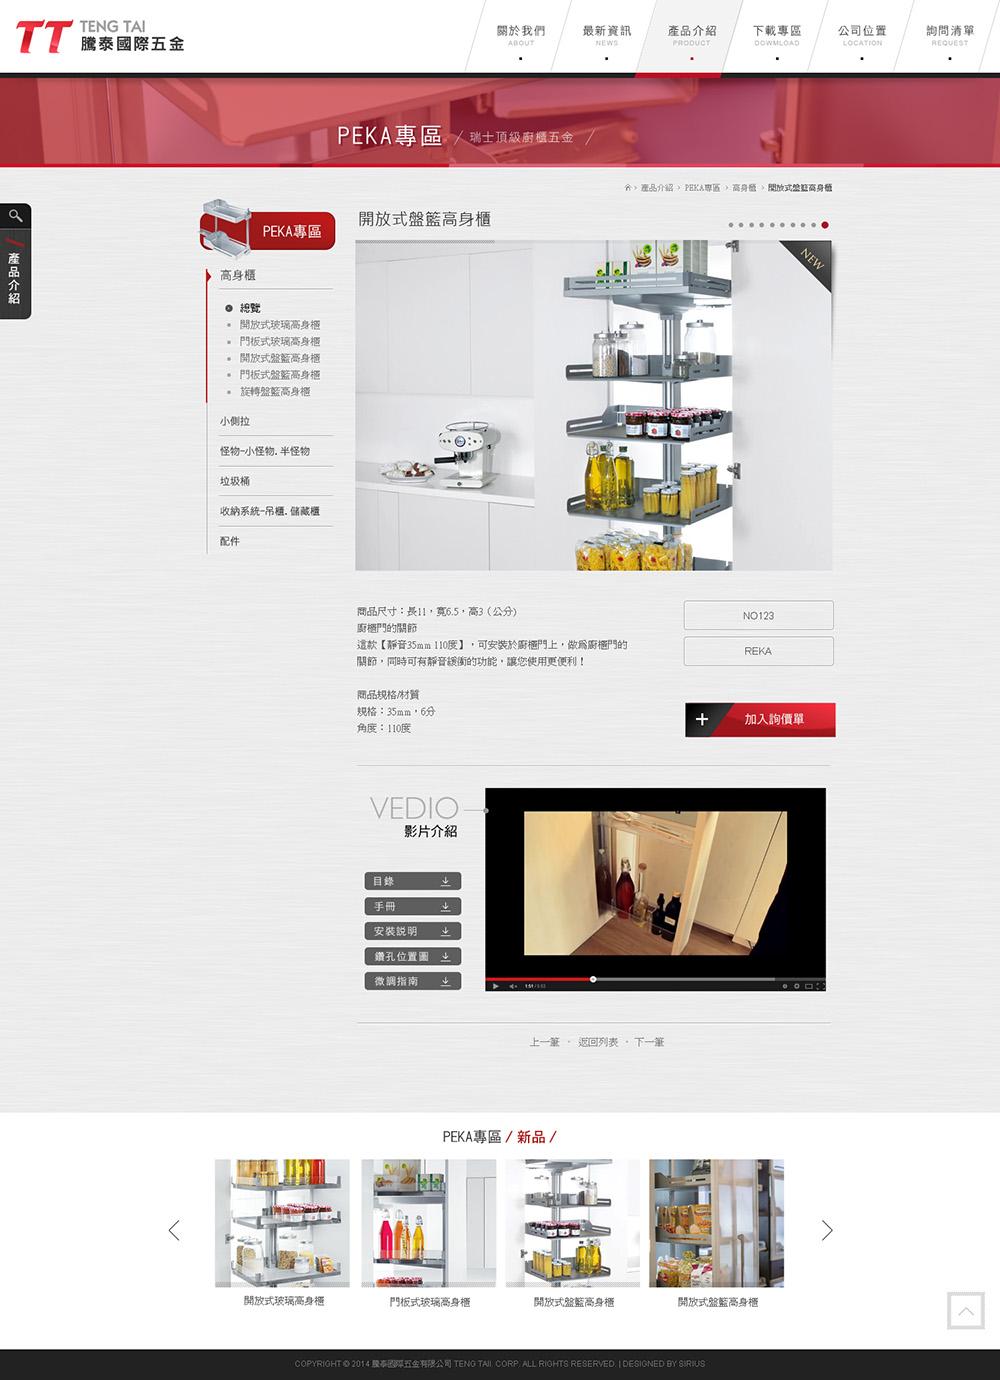 騰泰五金網頁設計